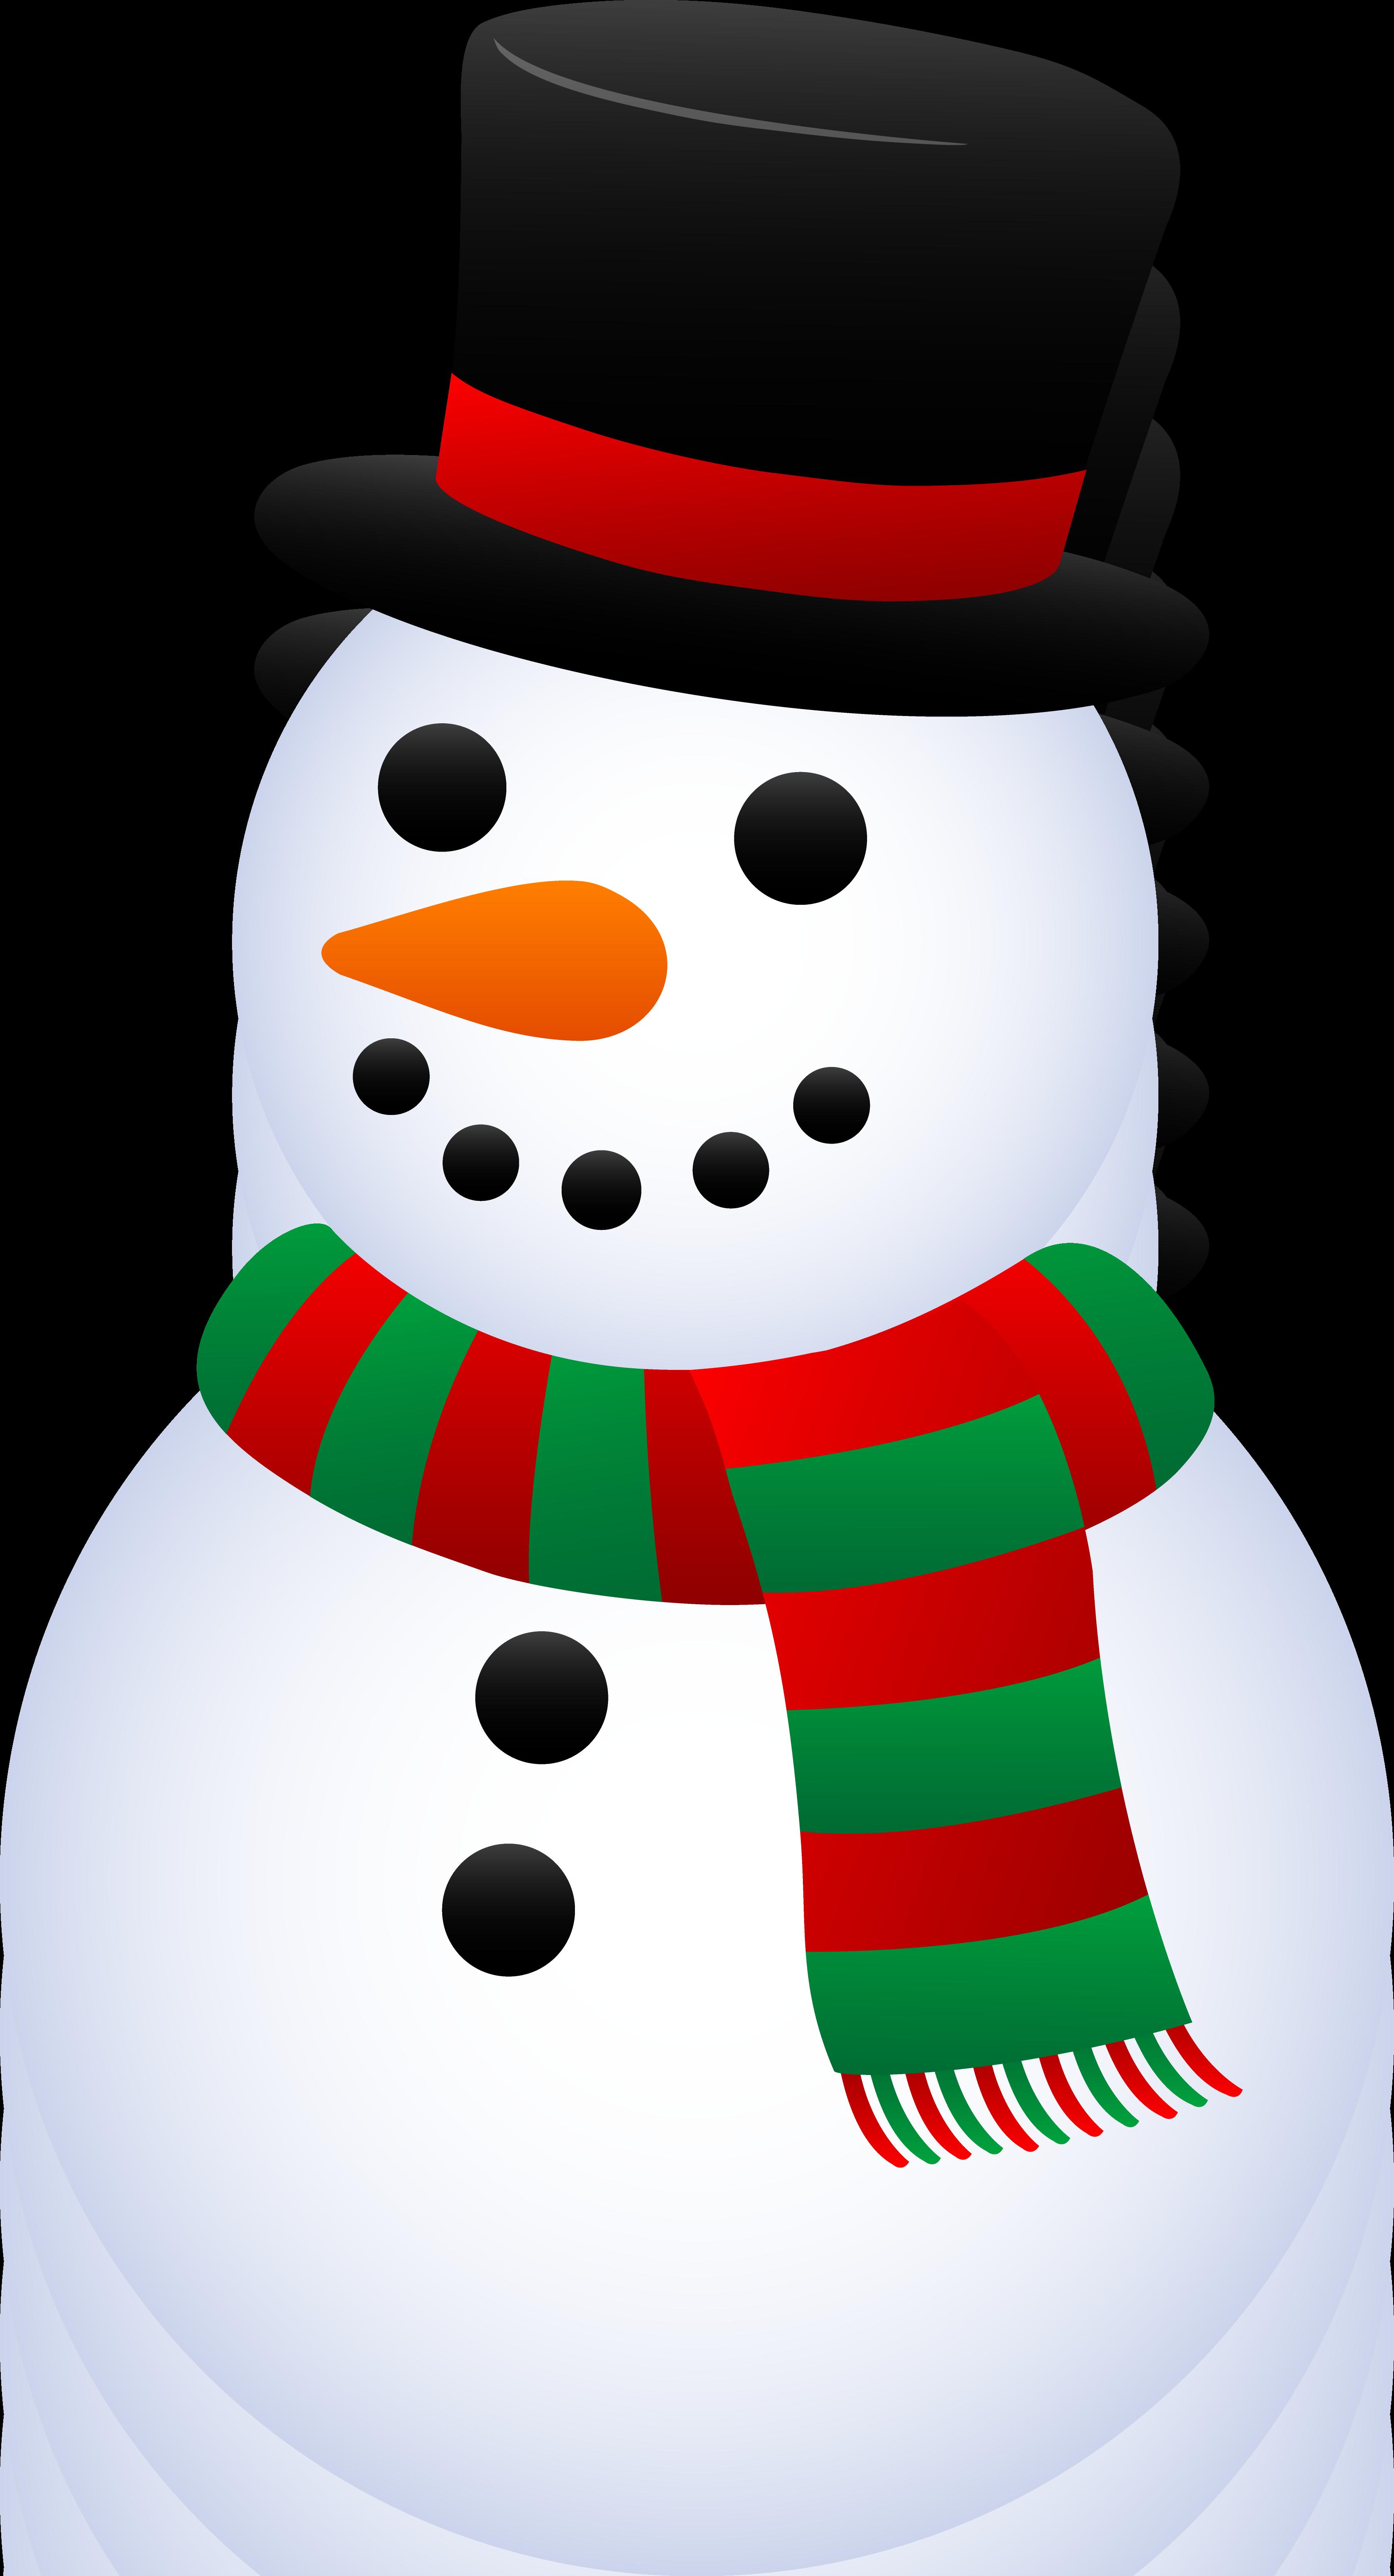 3455x6386 Cute Christmas Snowman